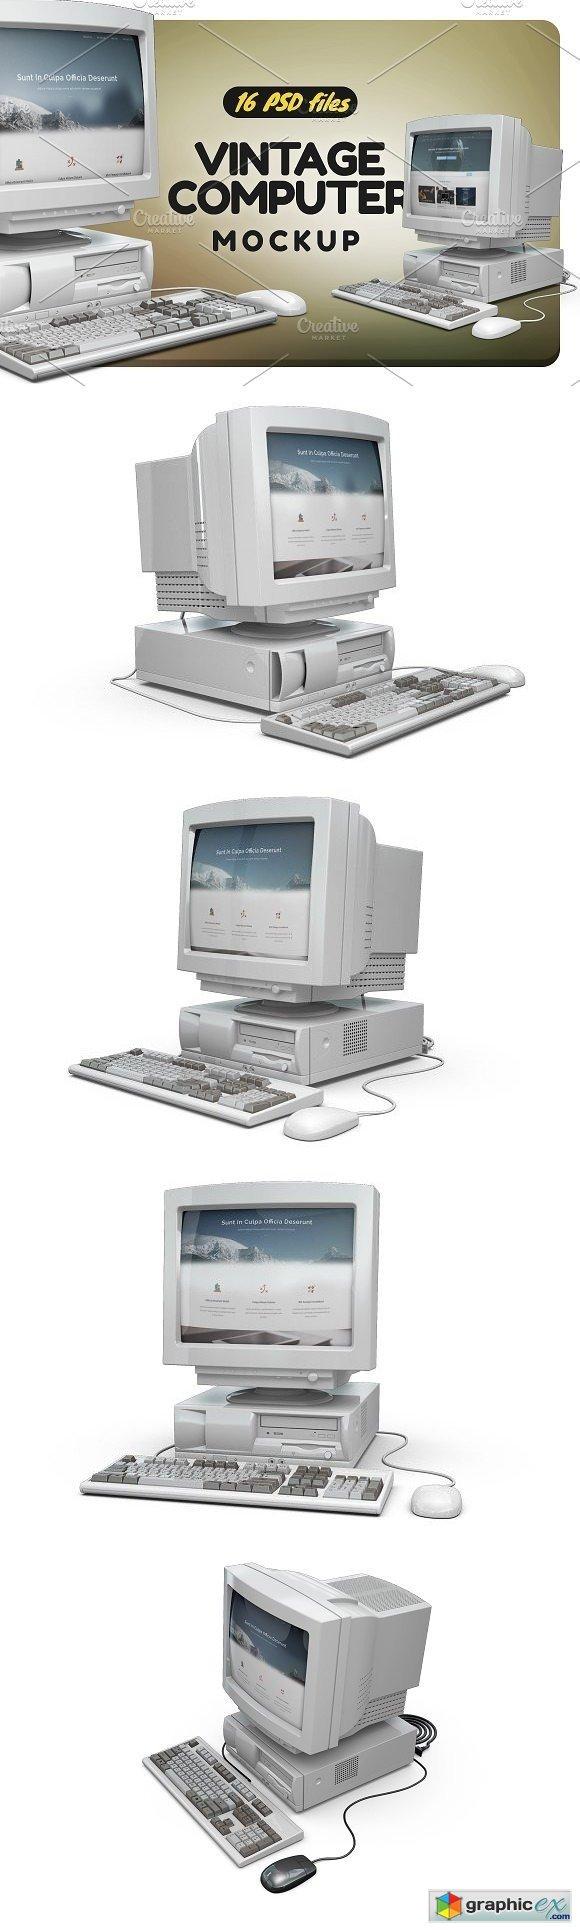 Vintage Computer Mock-up